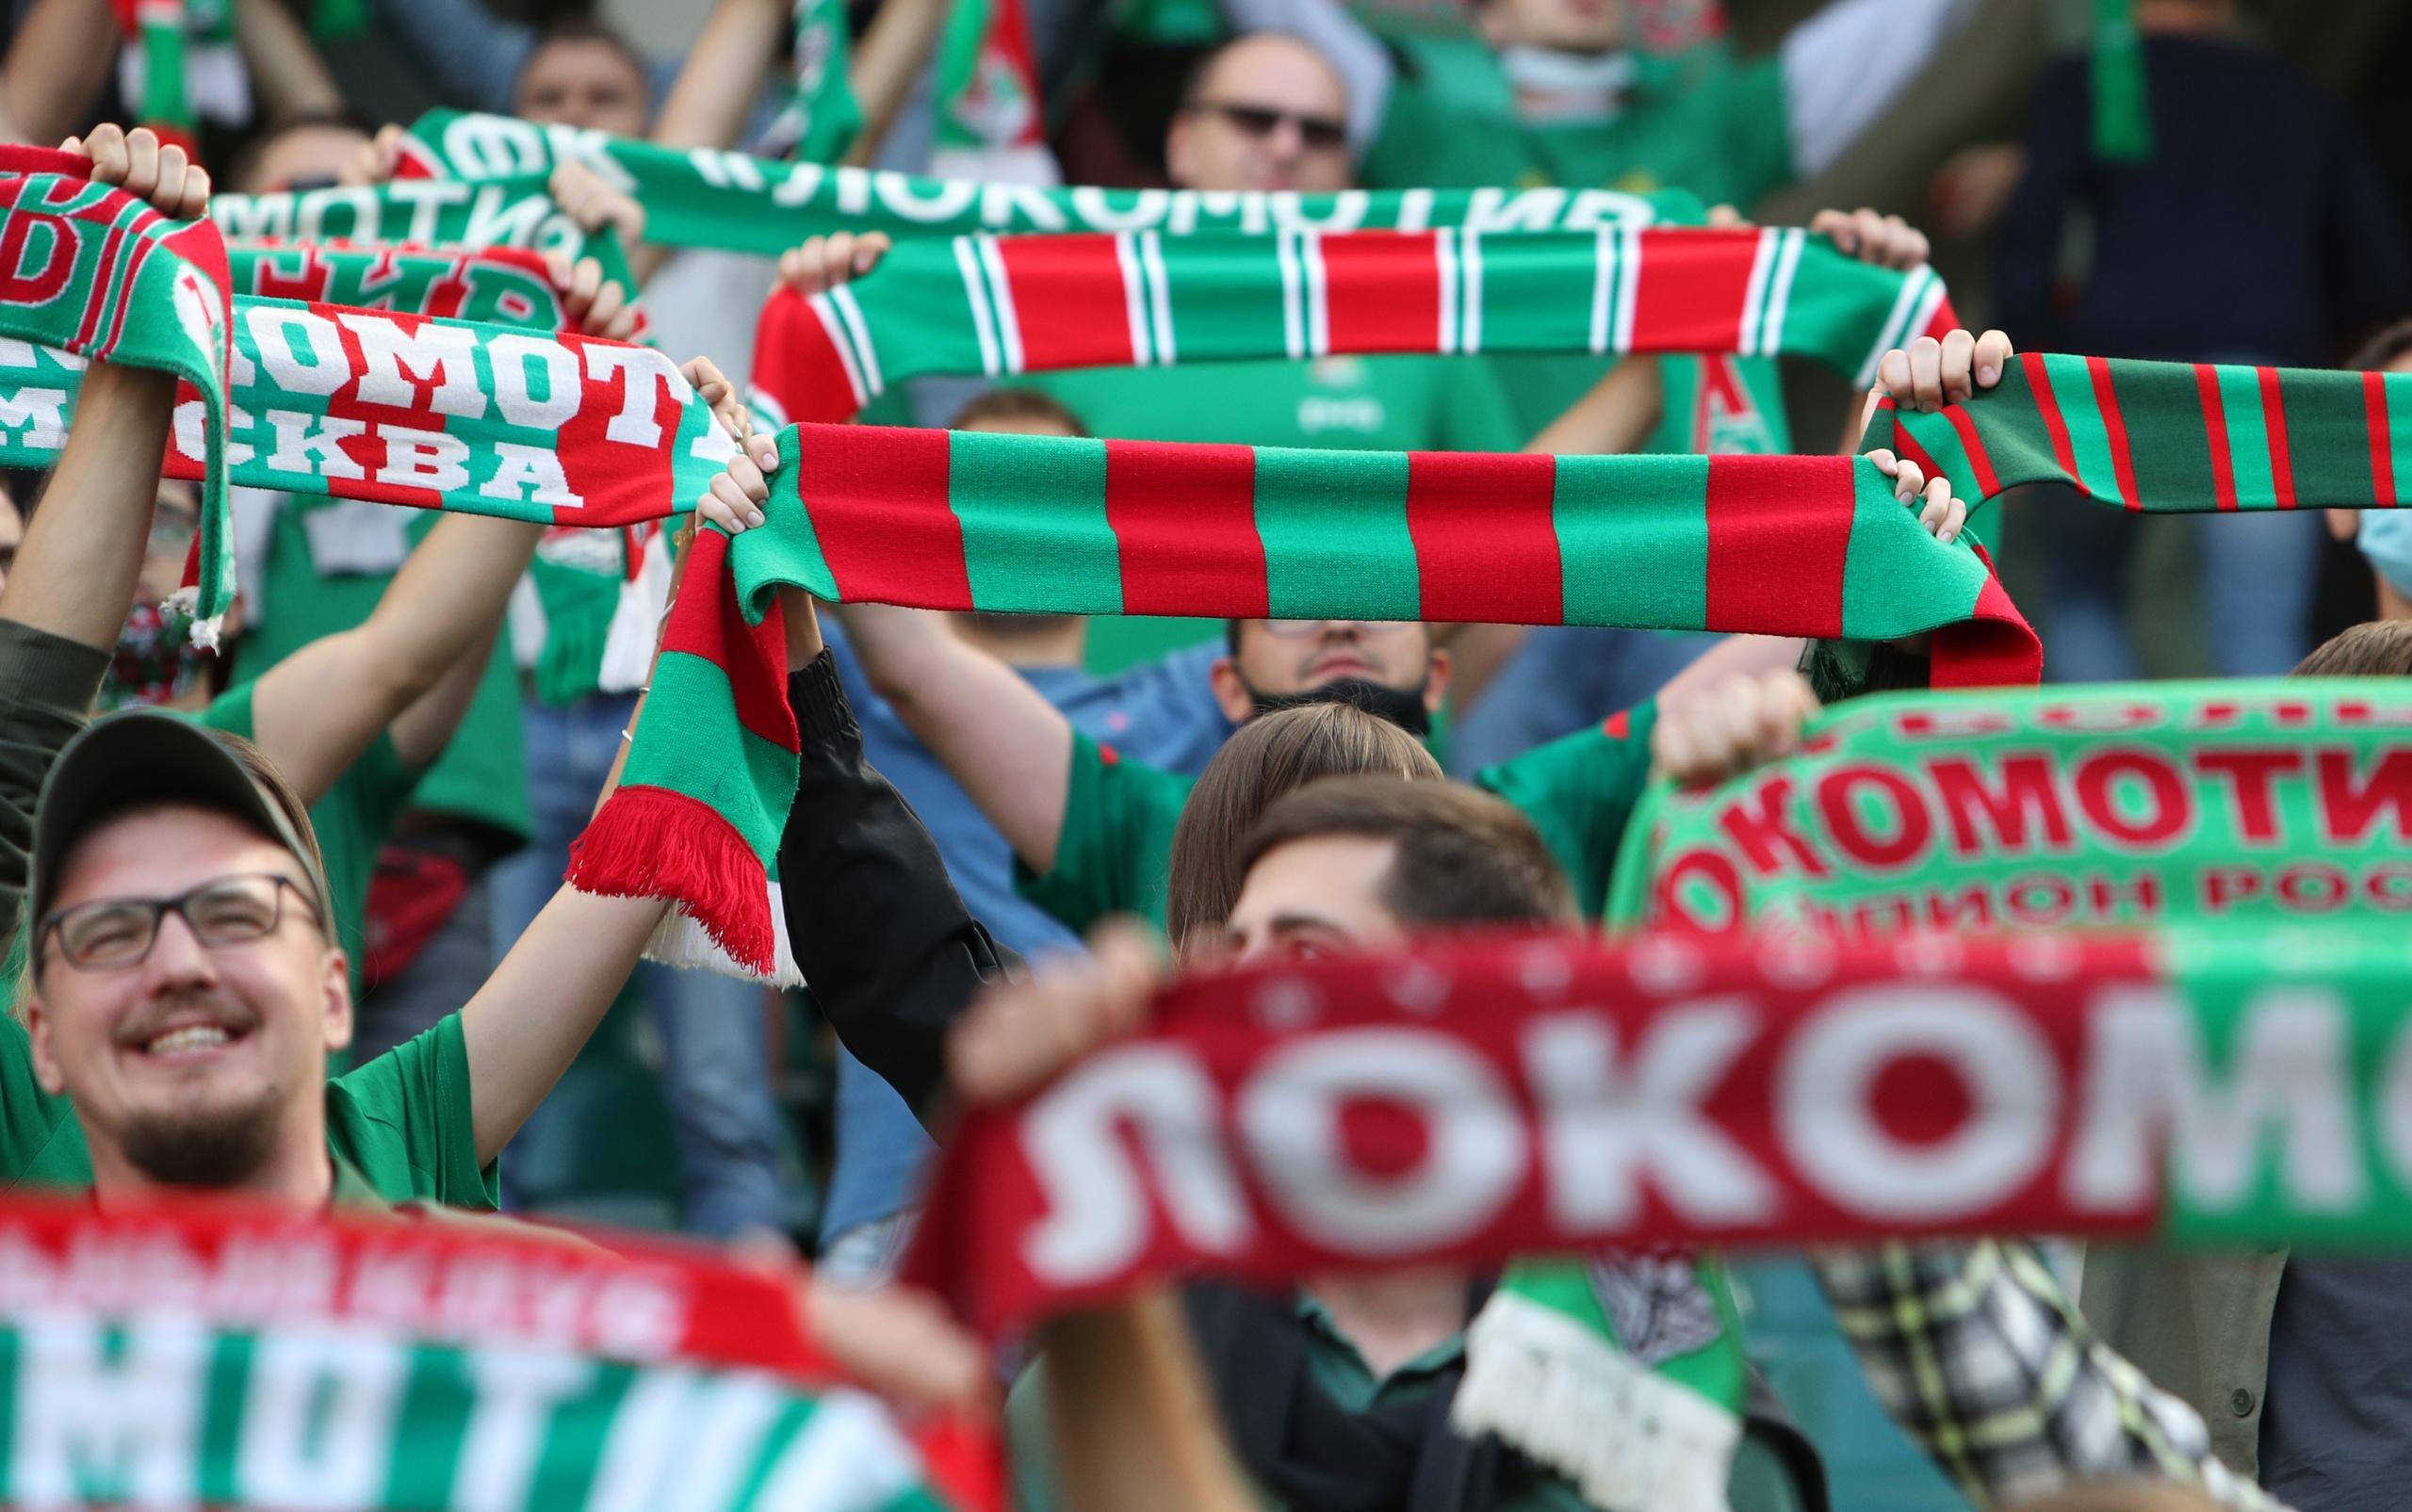 Встречу 'Локомотива' и 'Марселя' в Лиге Европы смогут вживую увидеть до 8 тысяч человек